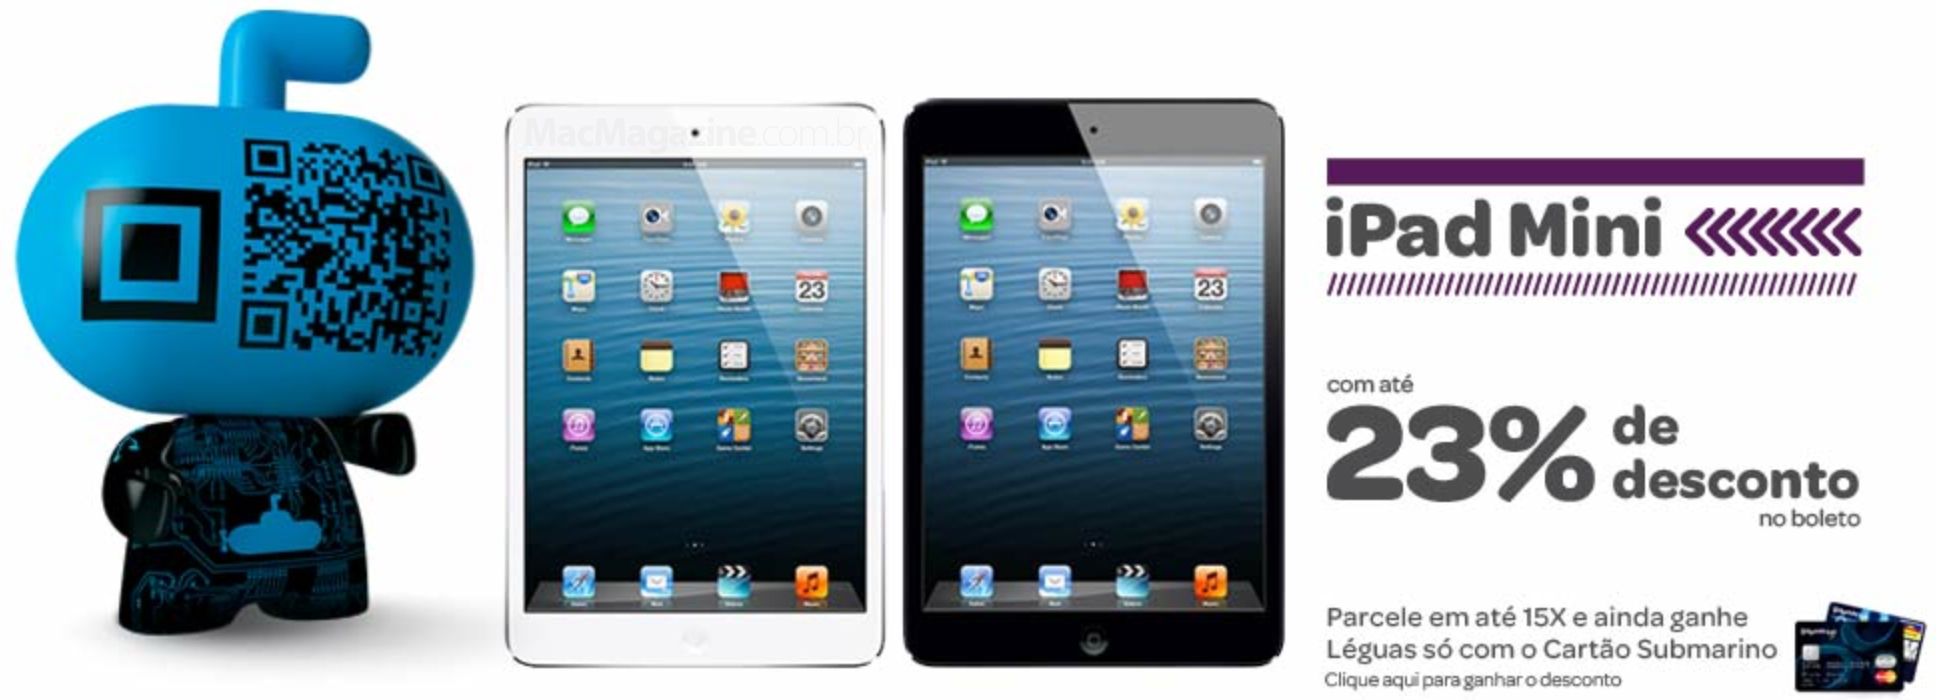 Promoção do Submarino - iPads mini